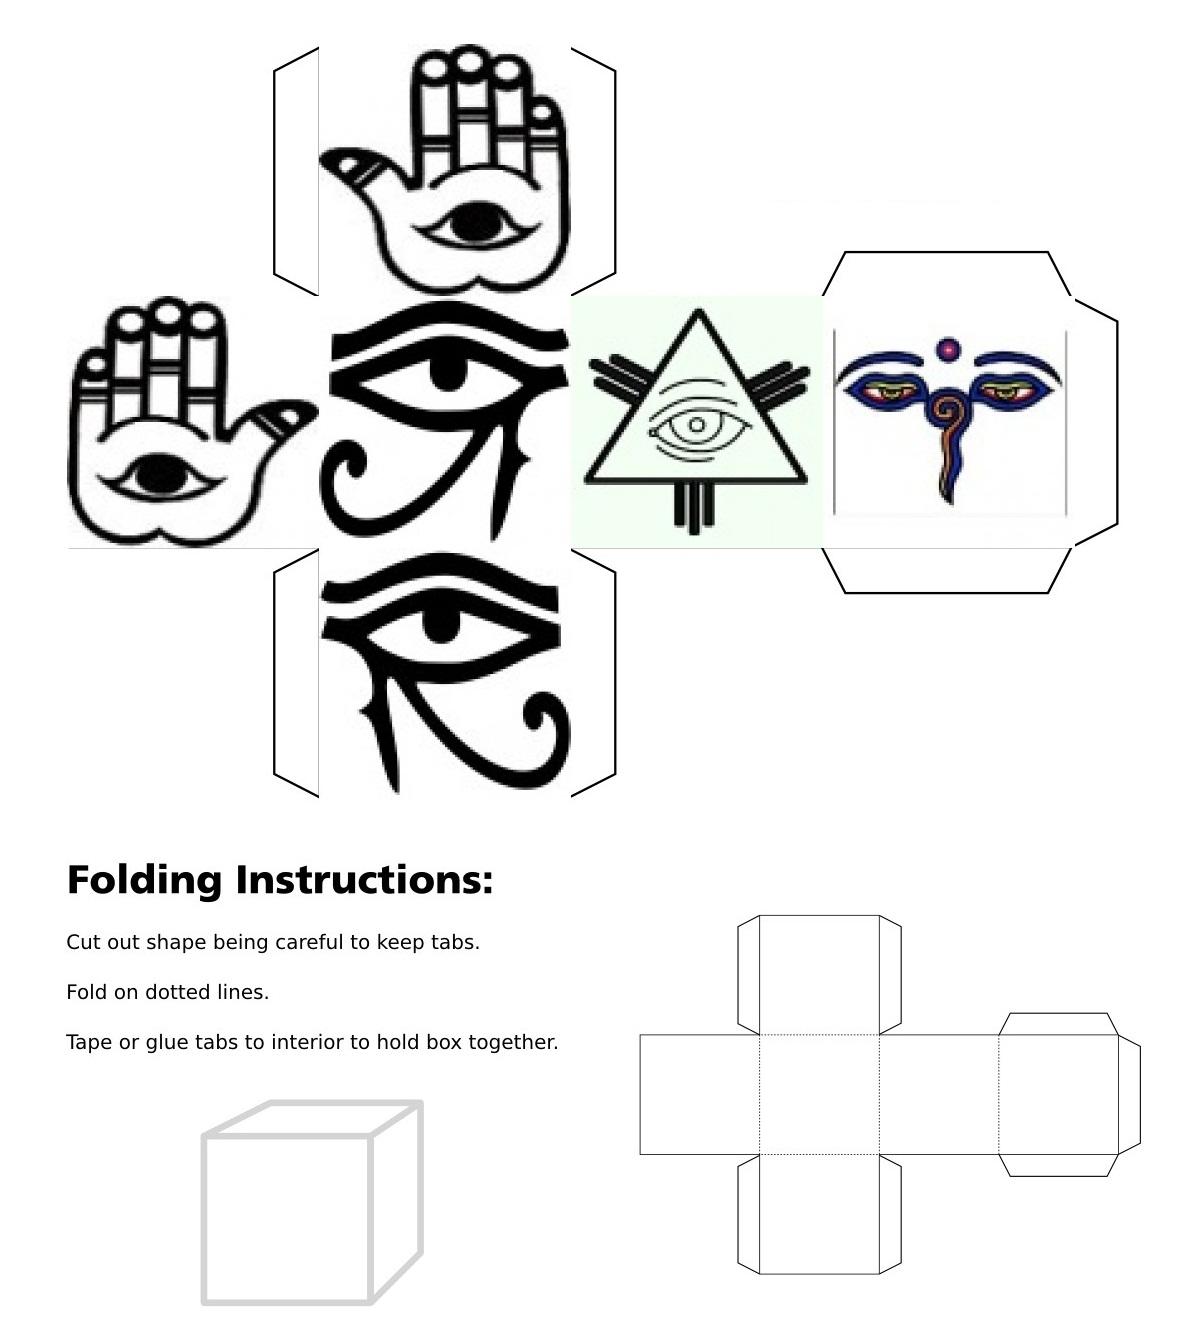 Cube, 3D cube, Eye of Fatima Right, Eye of Fatima Left, Eye of Horus Right, Eye of Horus Left, Eye of Providence, Eyes of Buddha